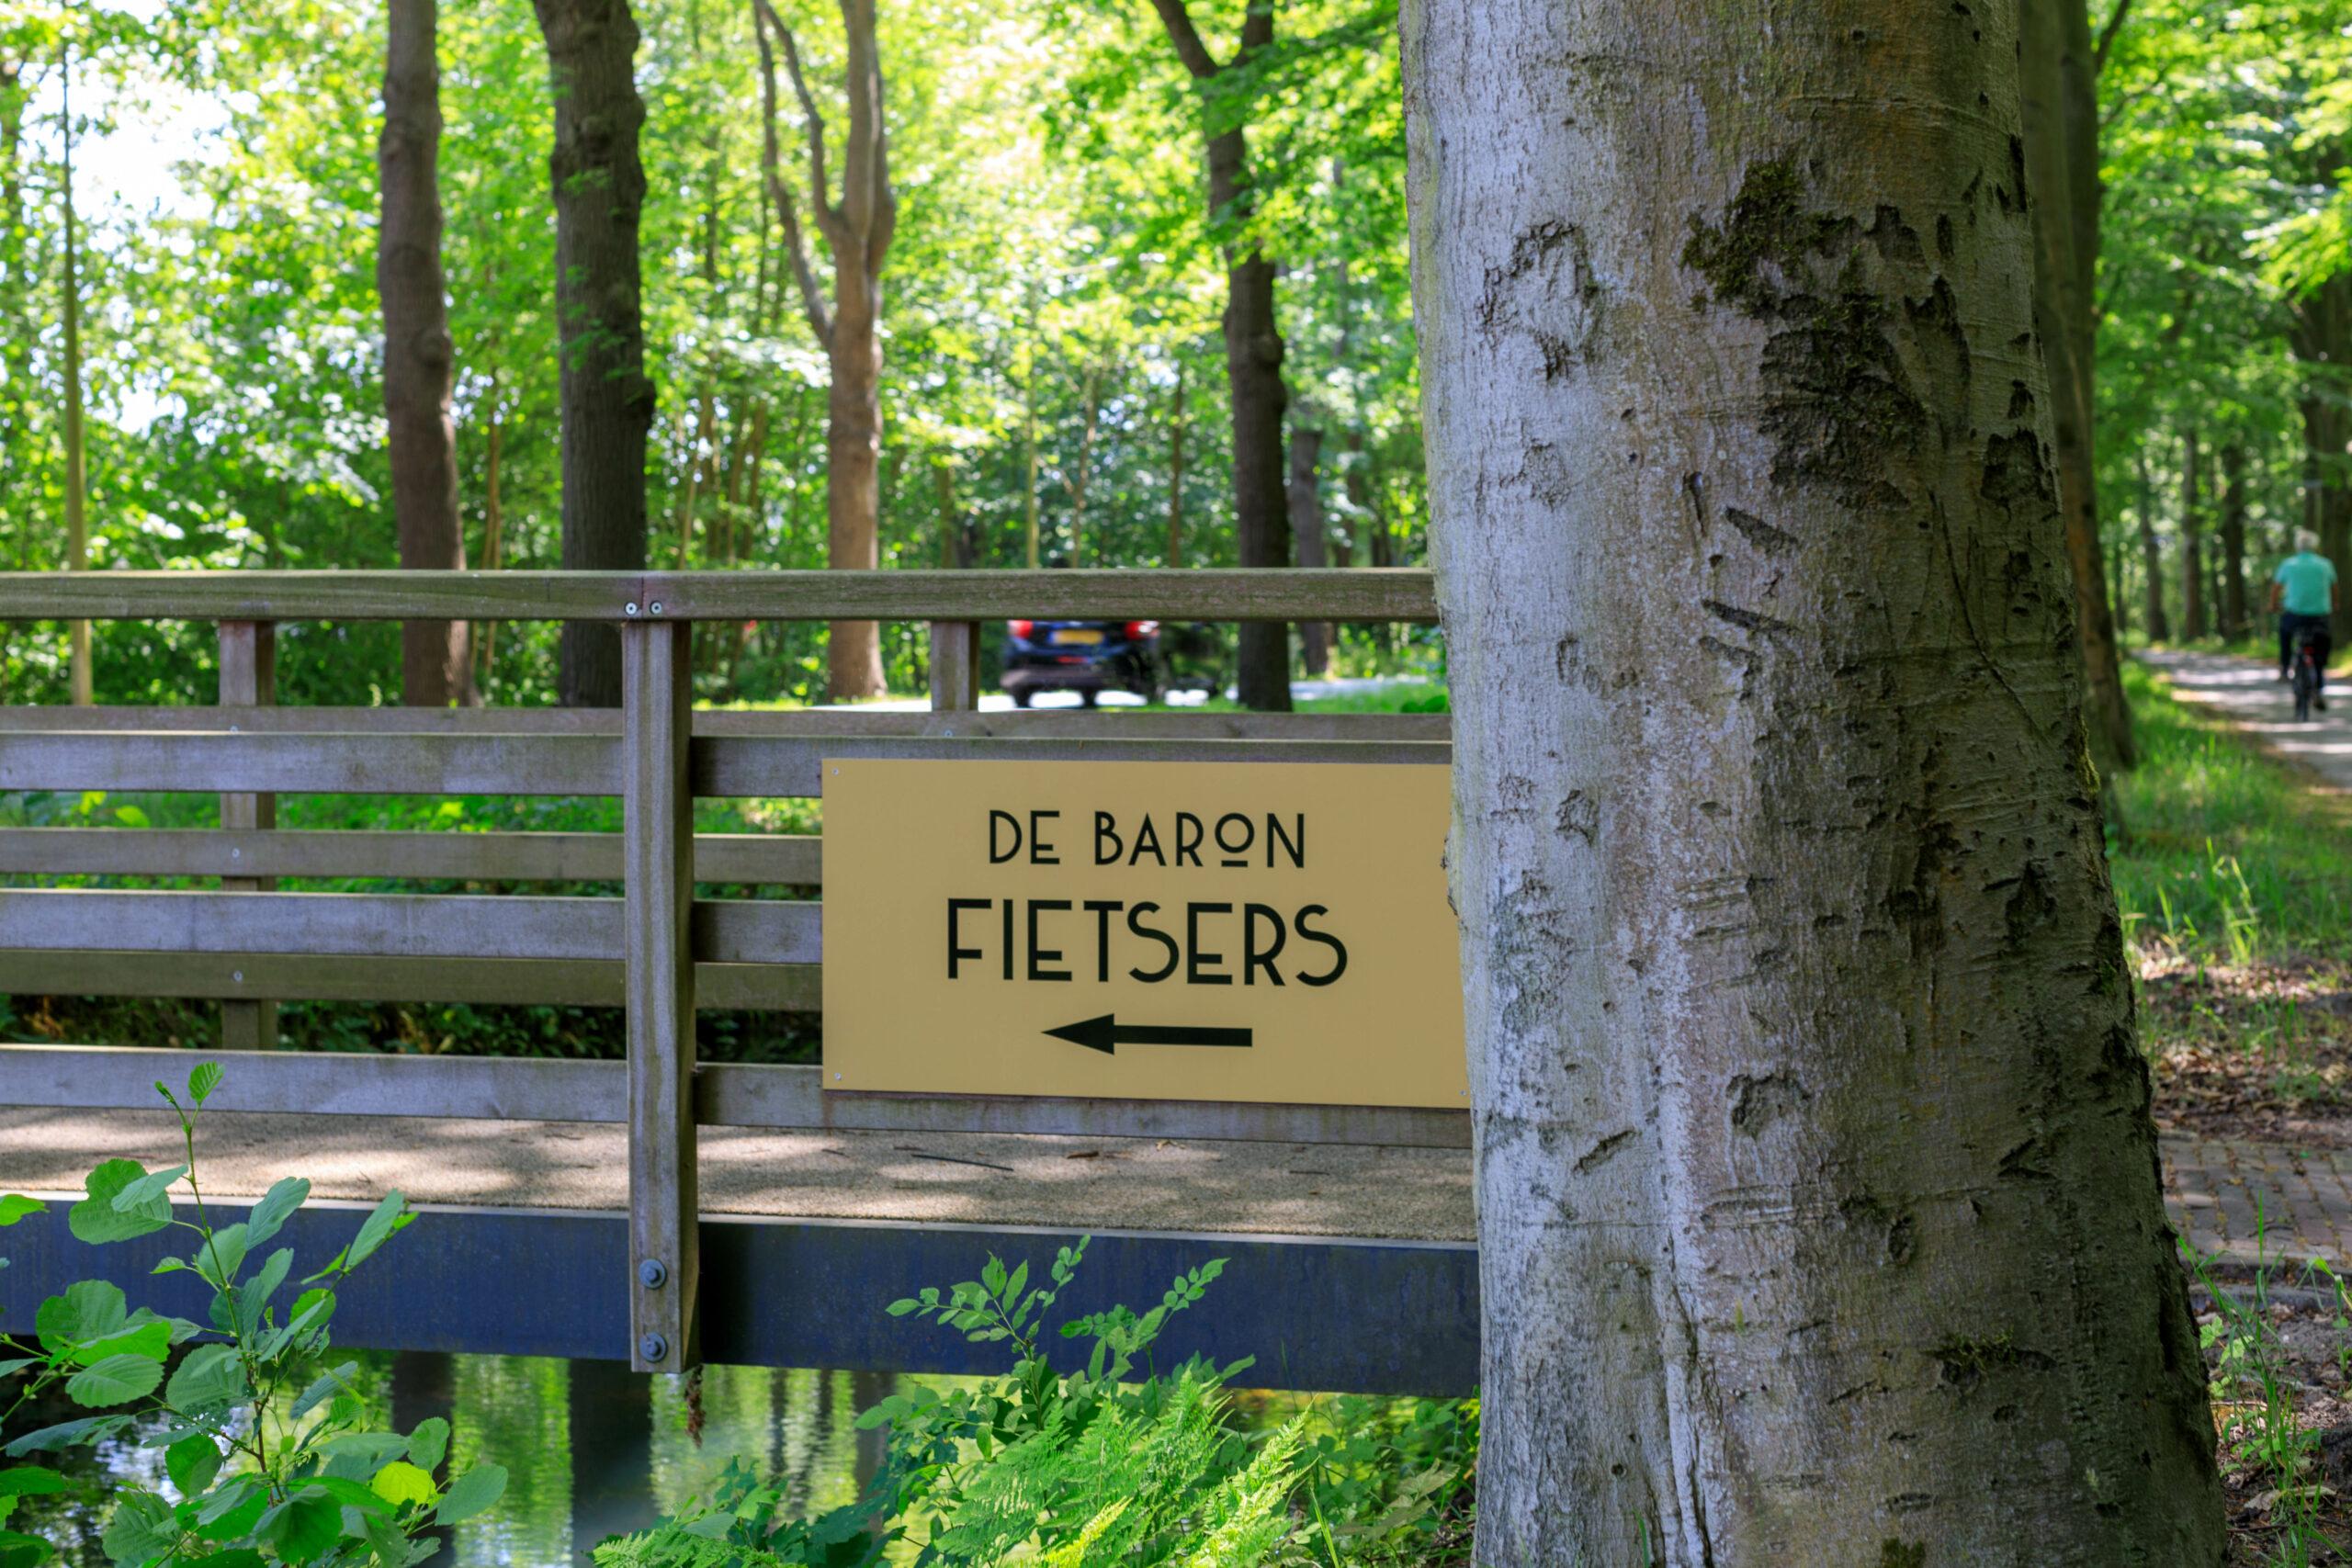 De Baron restaurant & events Wassenaar Fietsers